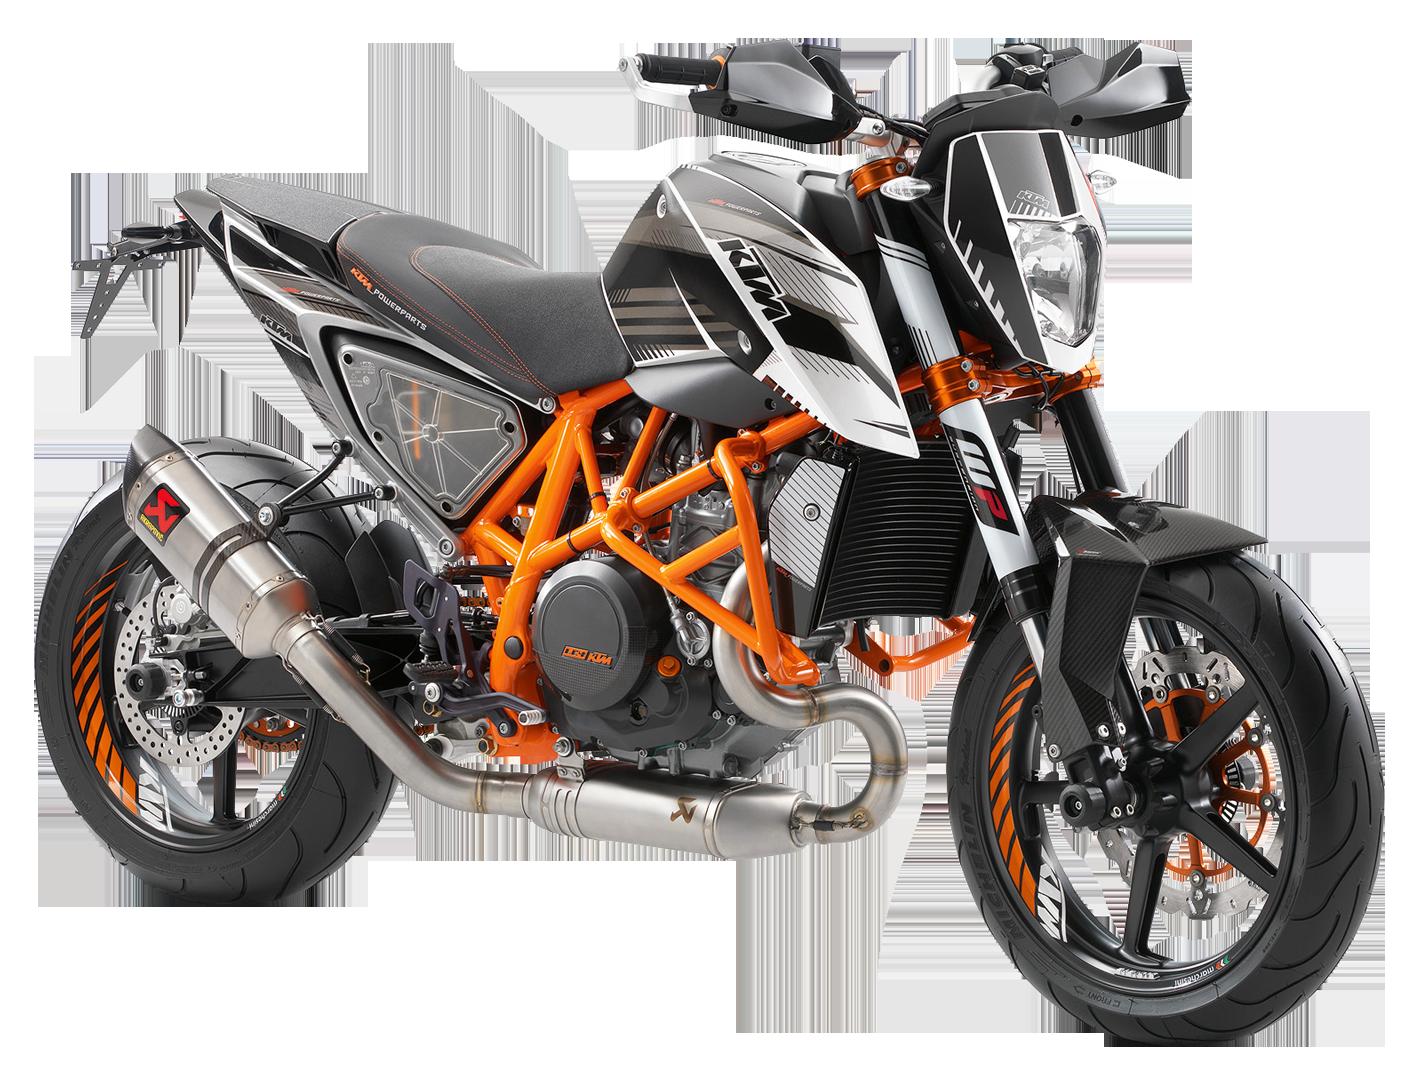 KTM 690 Duke Motorcycle Bike PNG Image - Bikers PNG HD